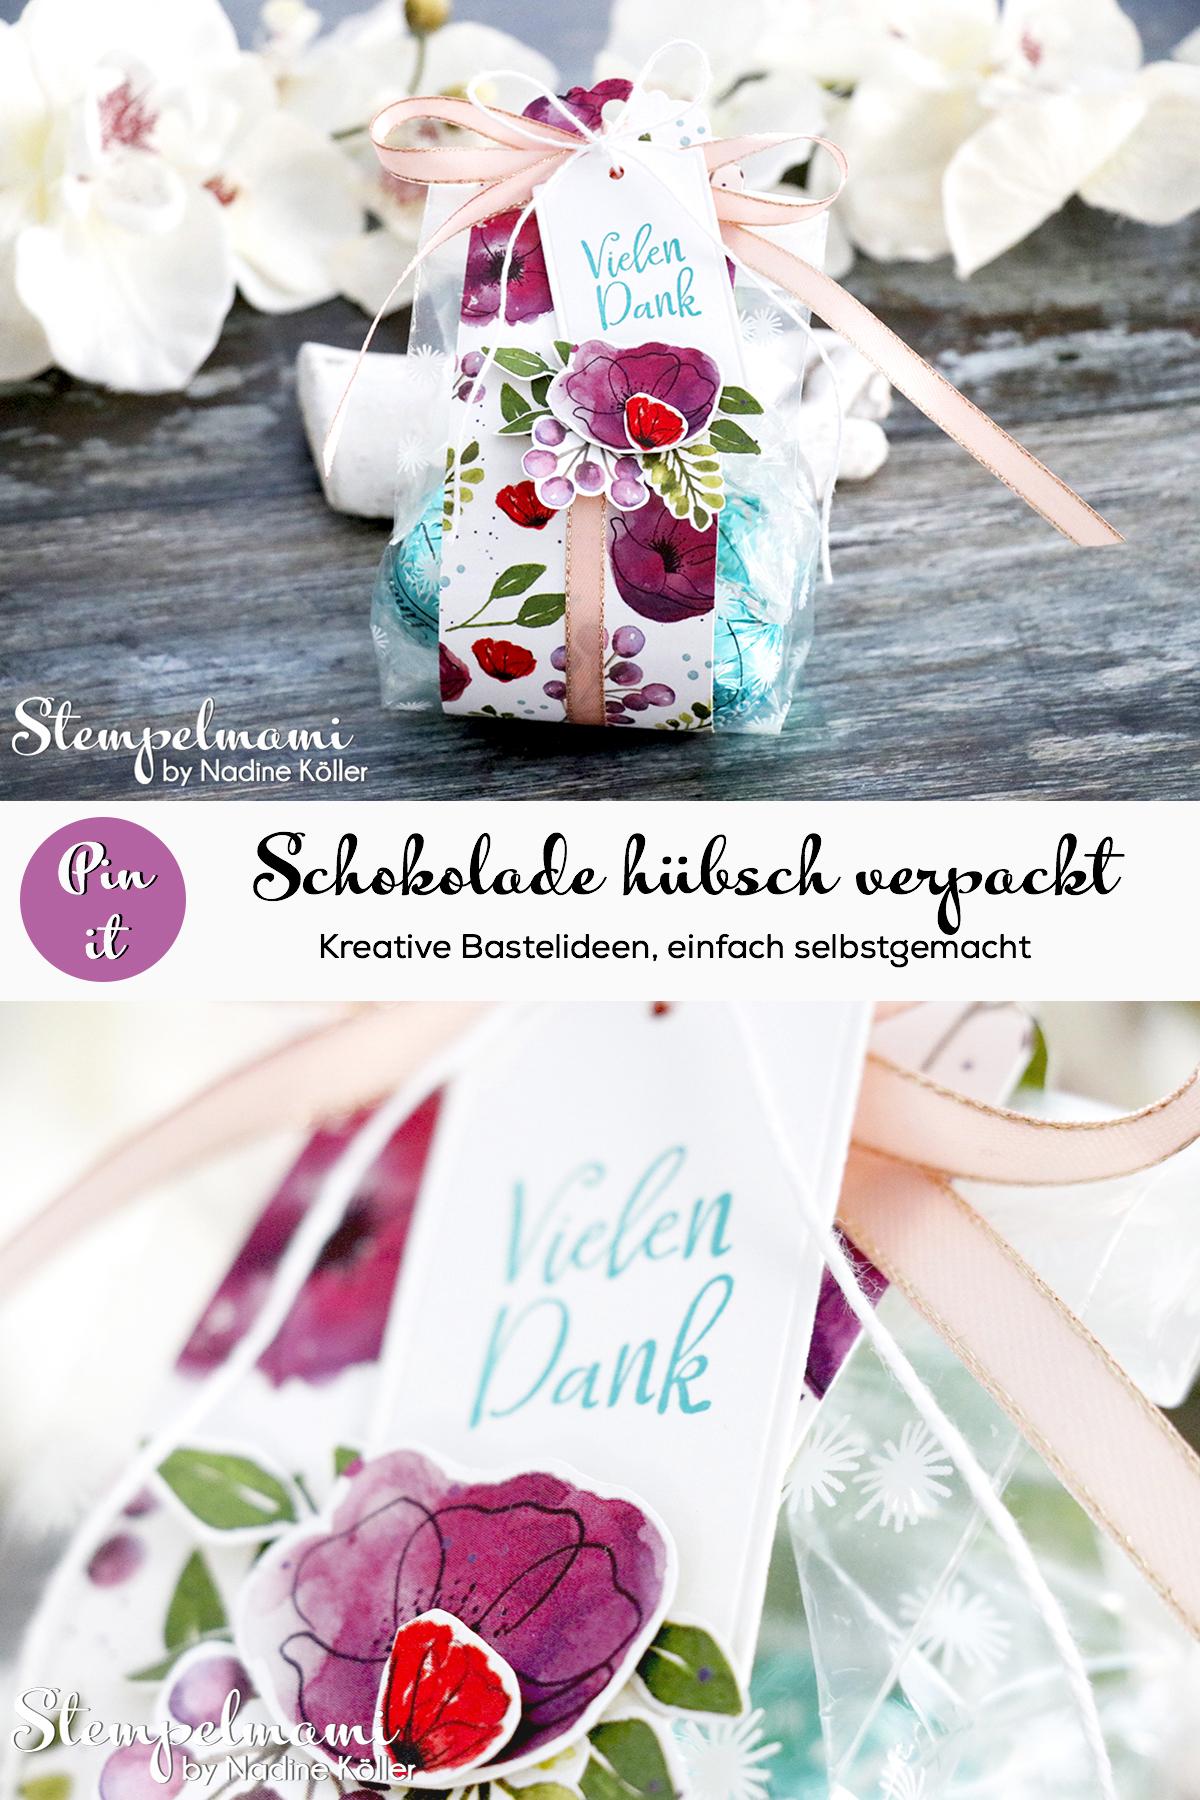 Stampin Up Goodie Mohnbluetenzauber in bedruckter Zellophantuete Stempelmami Pinterest 4